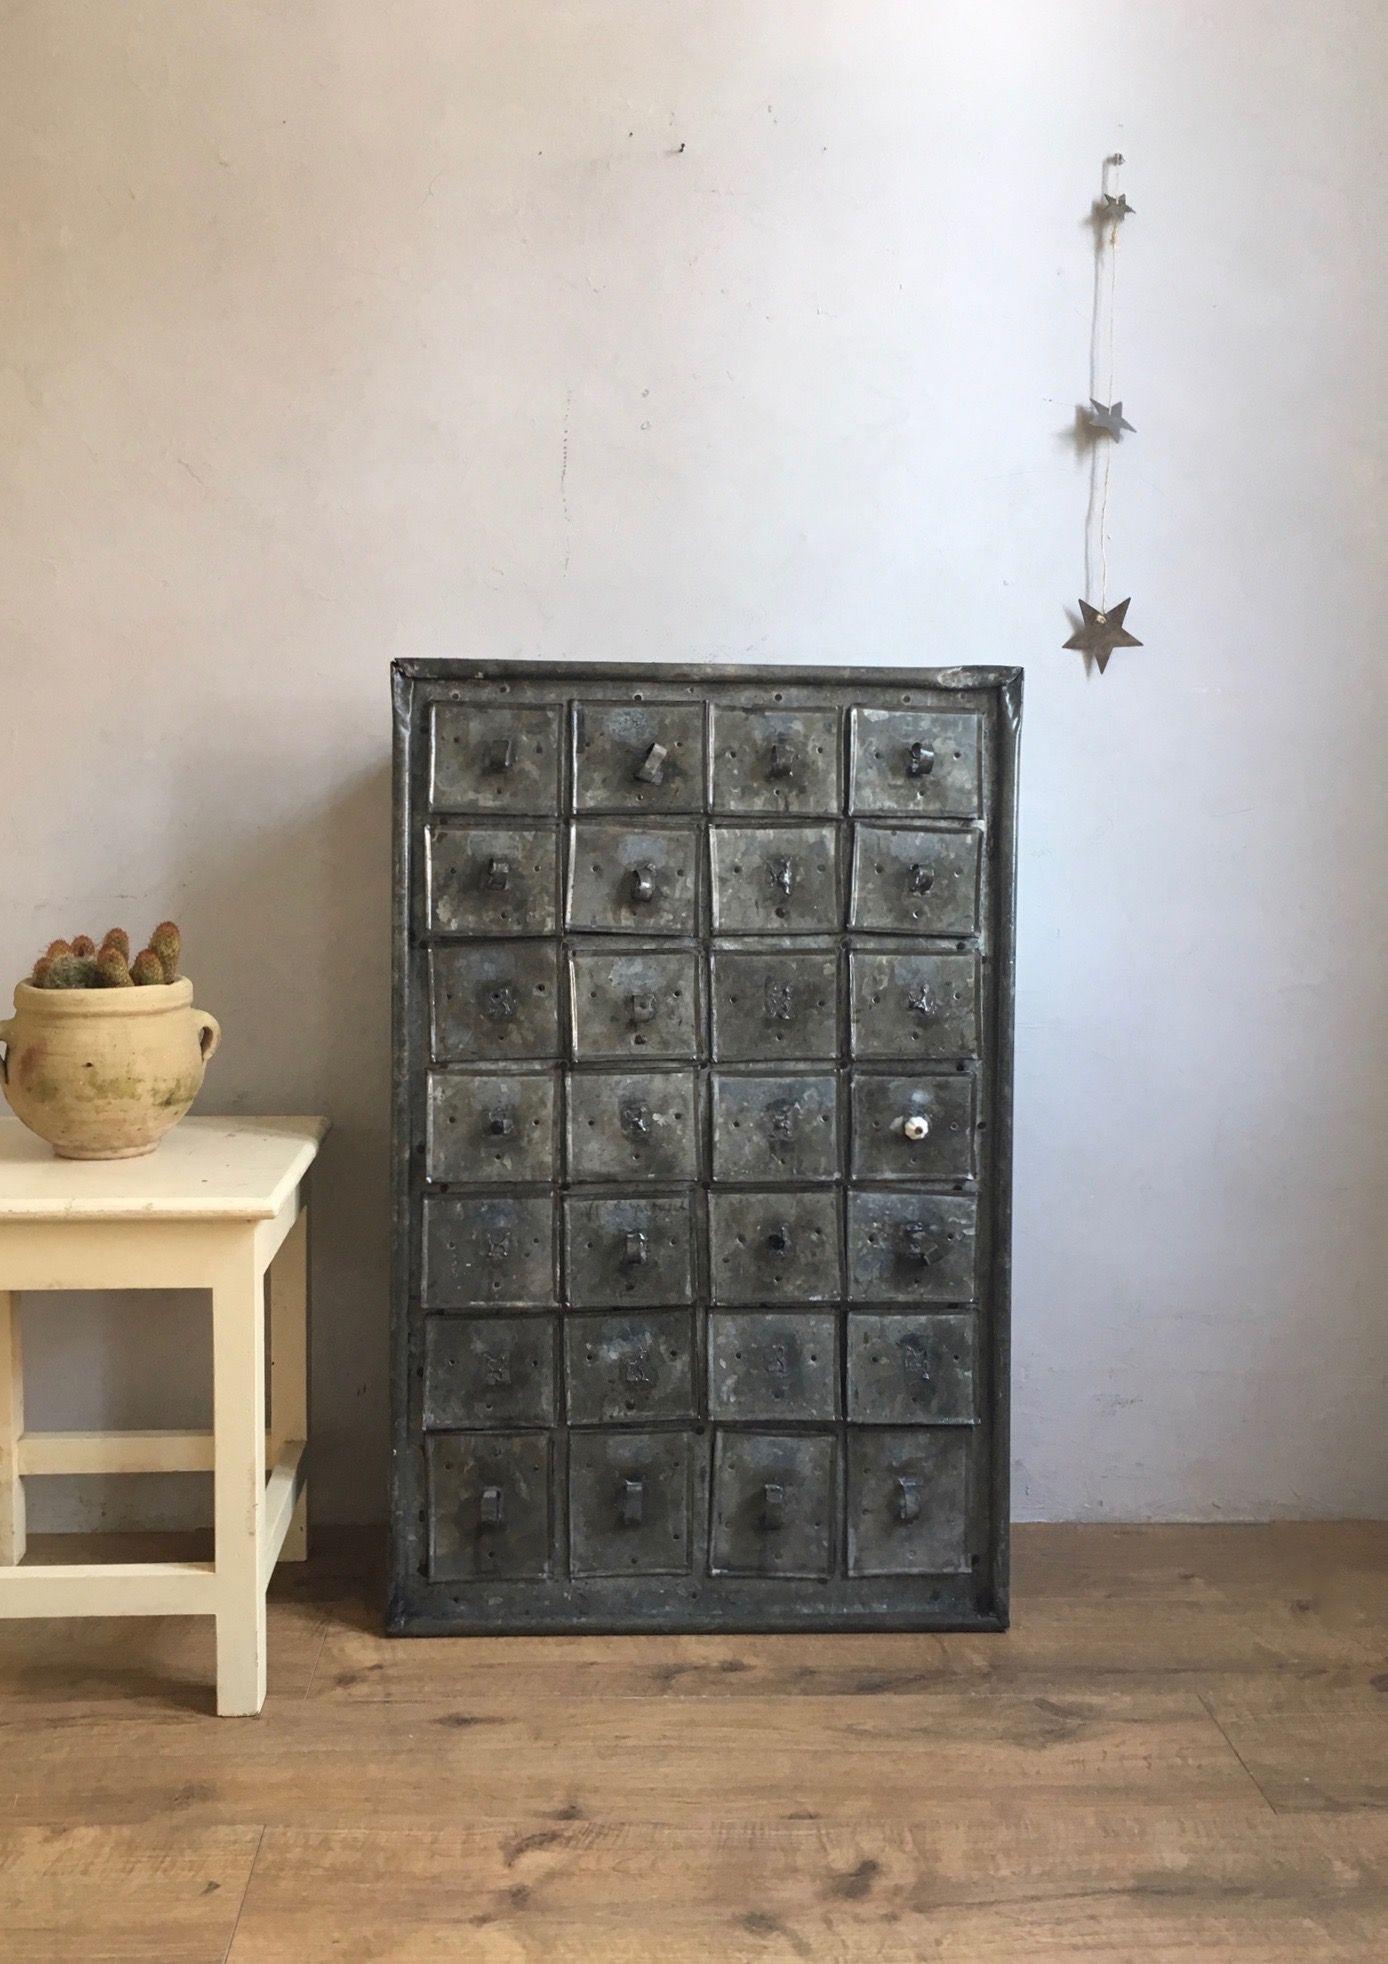 Meuble De Metier C Est Vintage Commodes Tables Et Buffets Vintage En 2020 Meuble De Metier Mobilier De Salon Commode Vintage